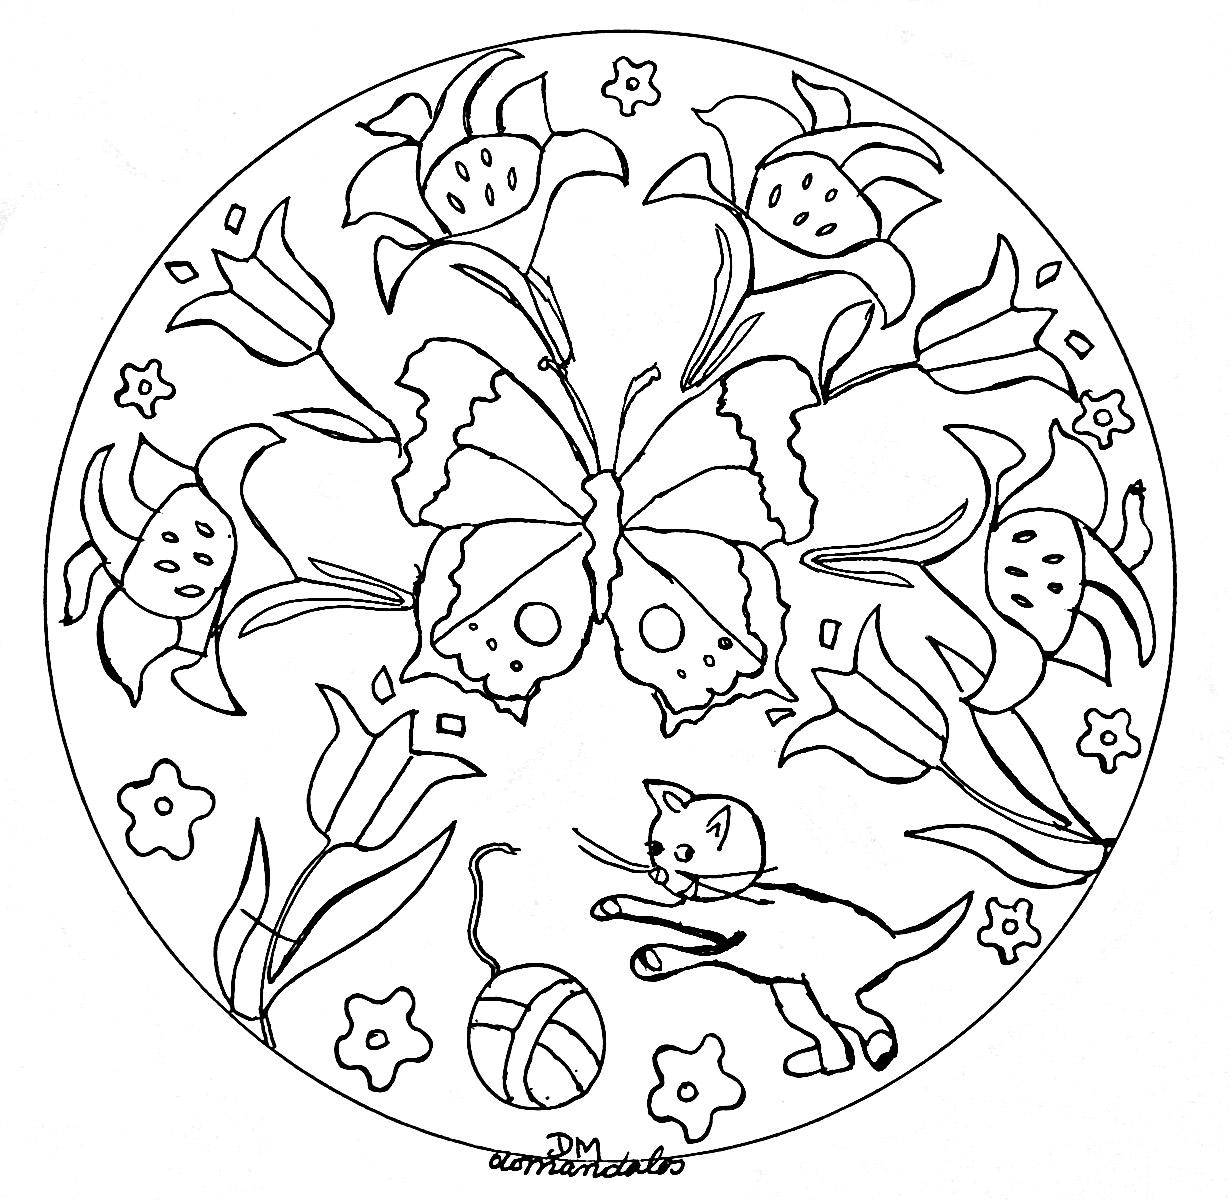 Disegni da colorare per adulti : Mandalas - 174